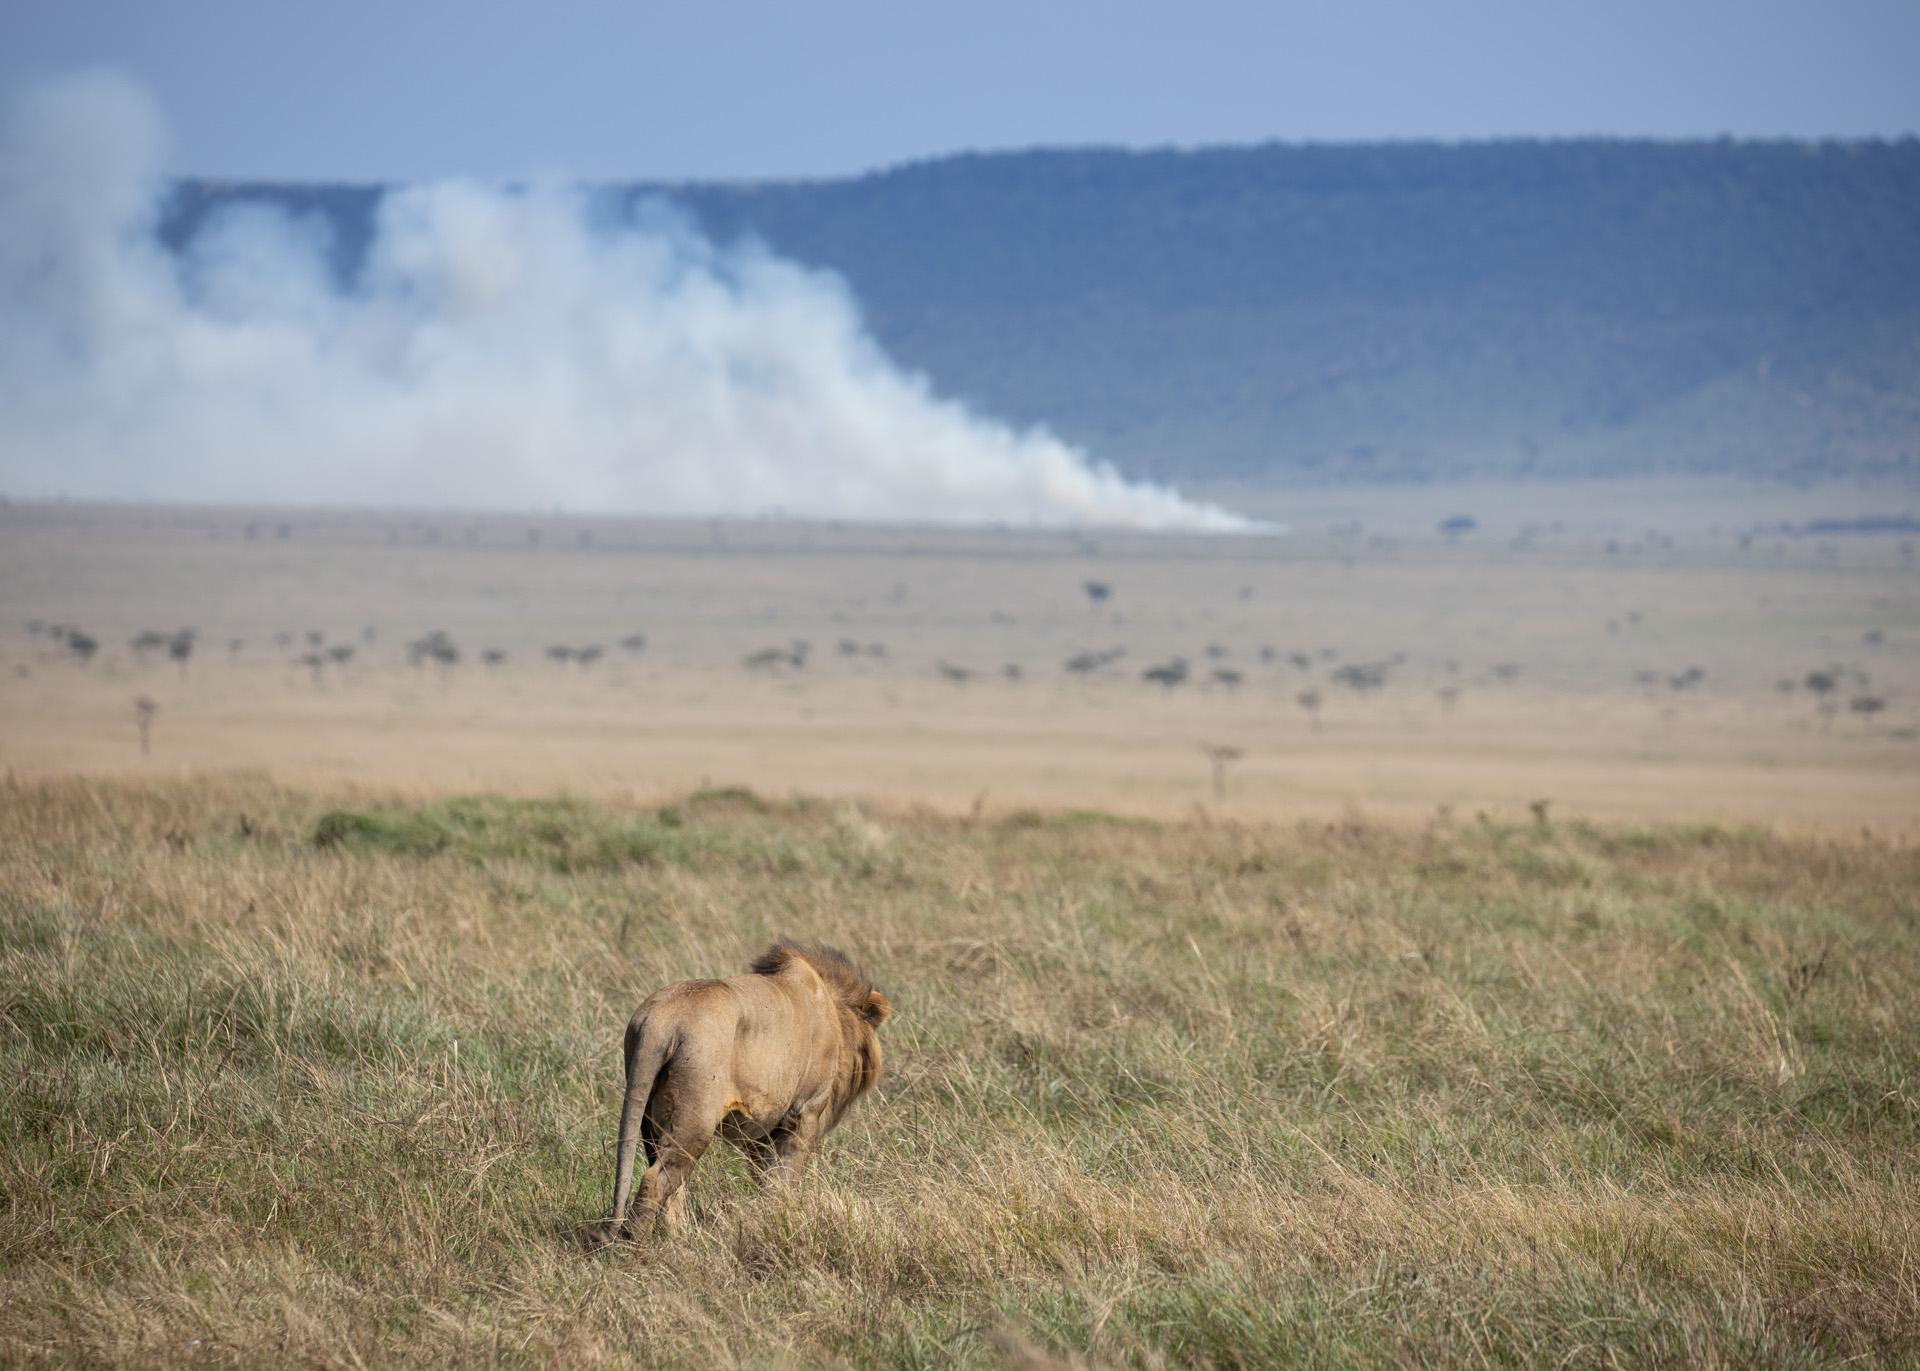 Lion and Smoke